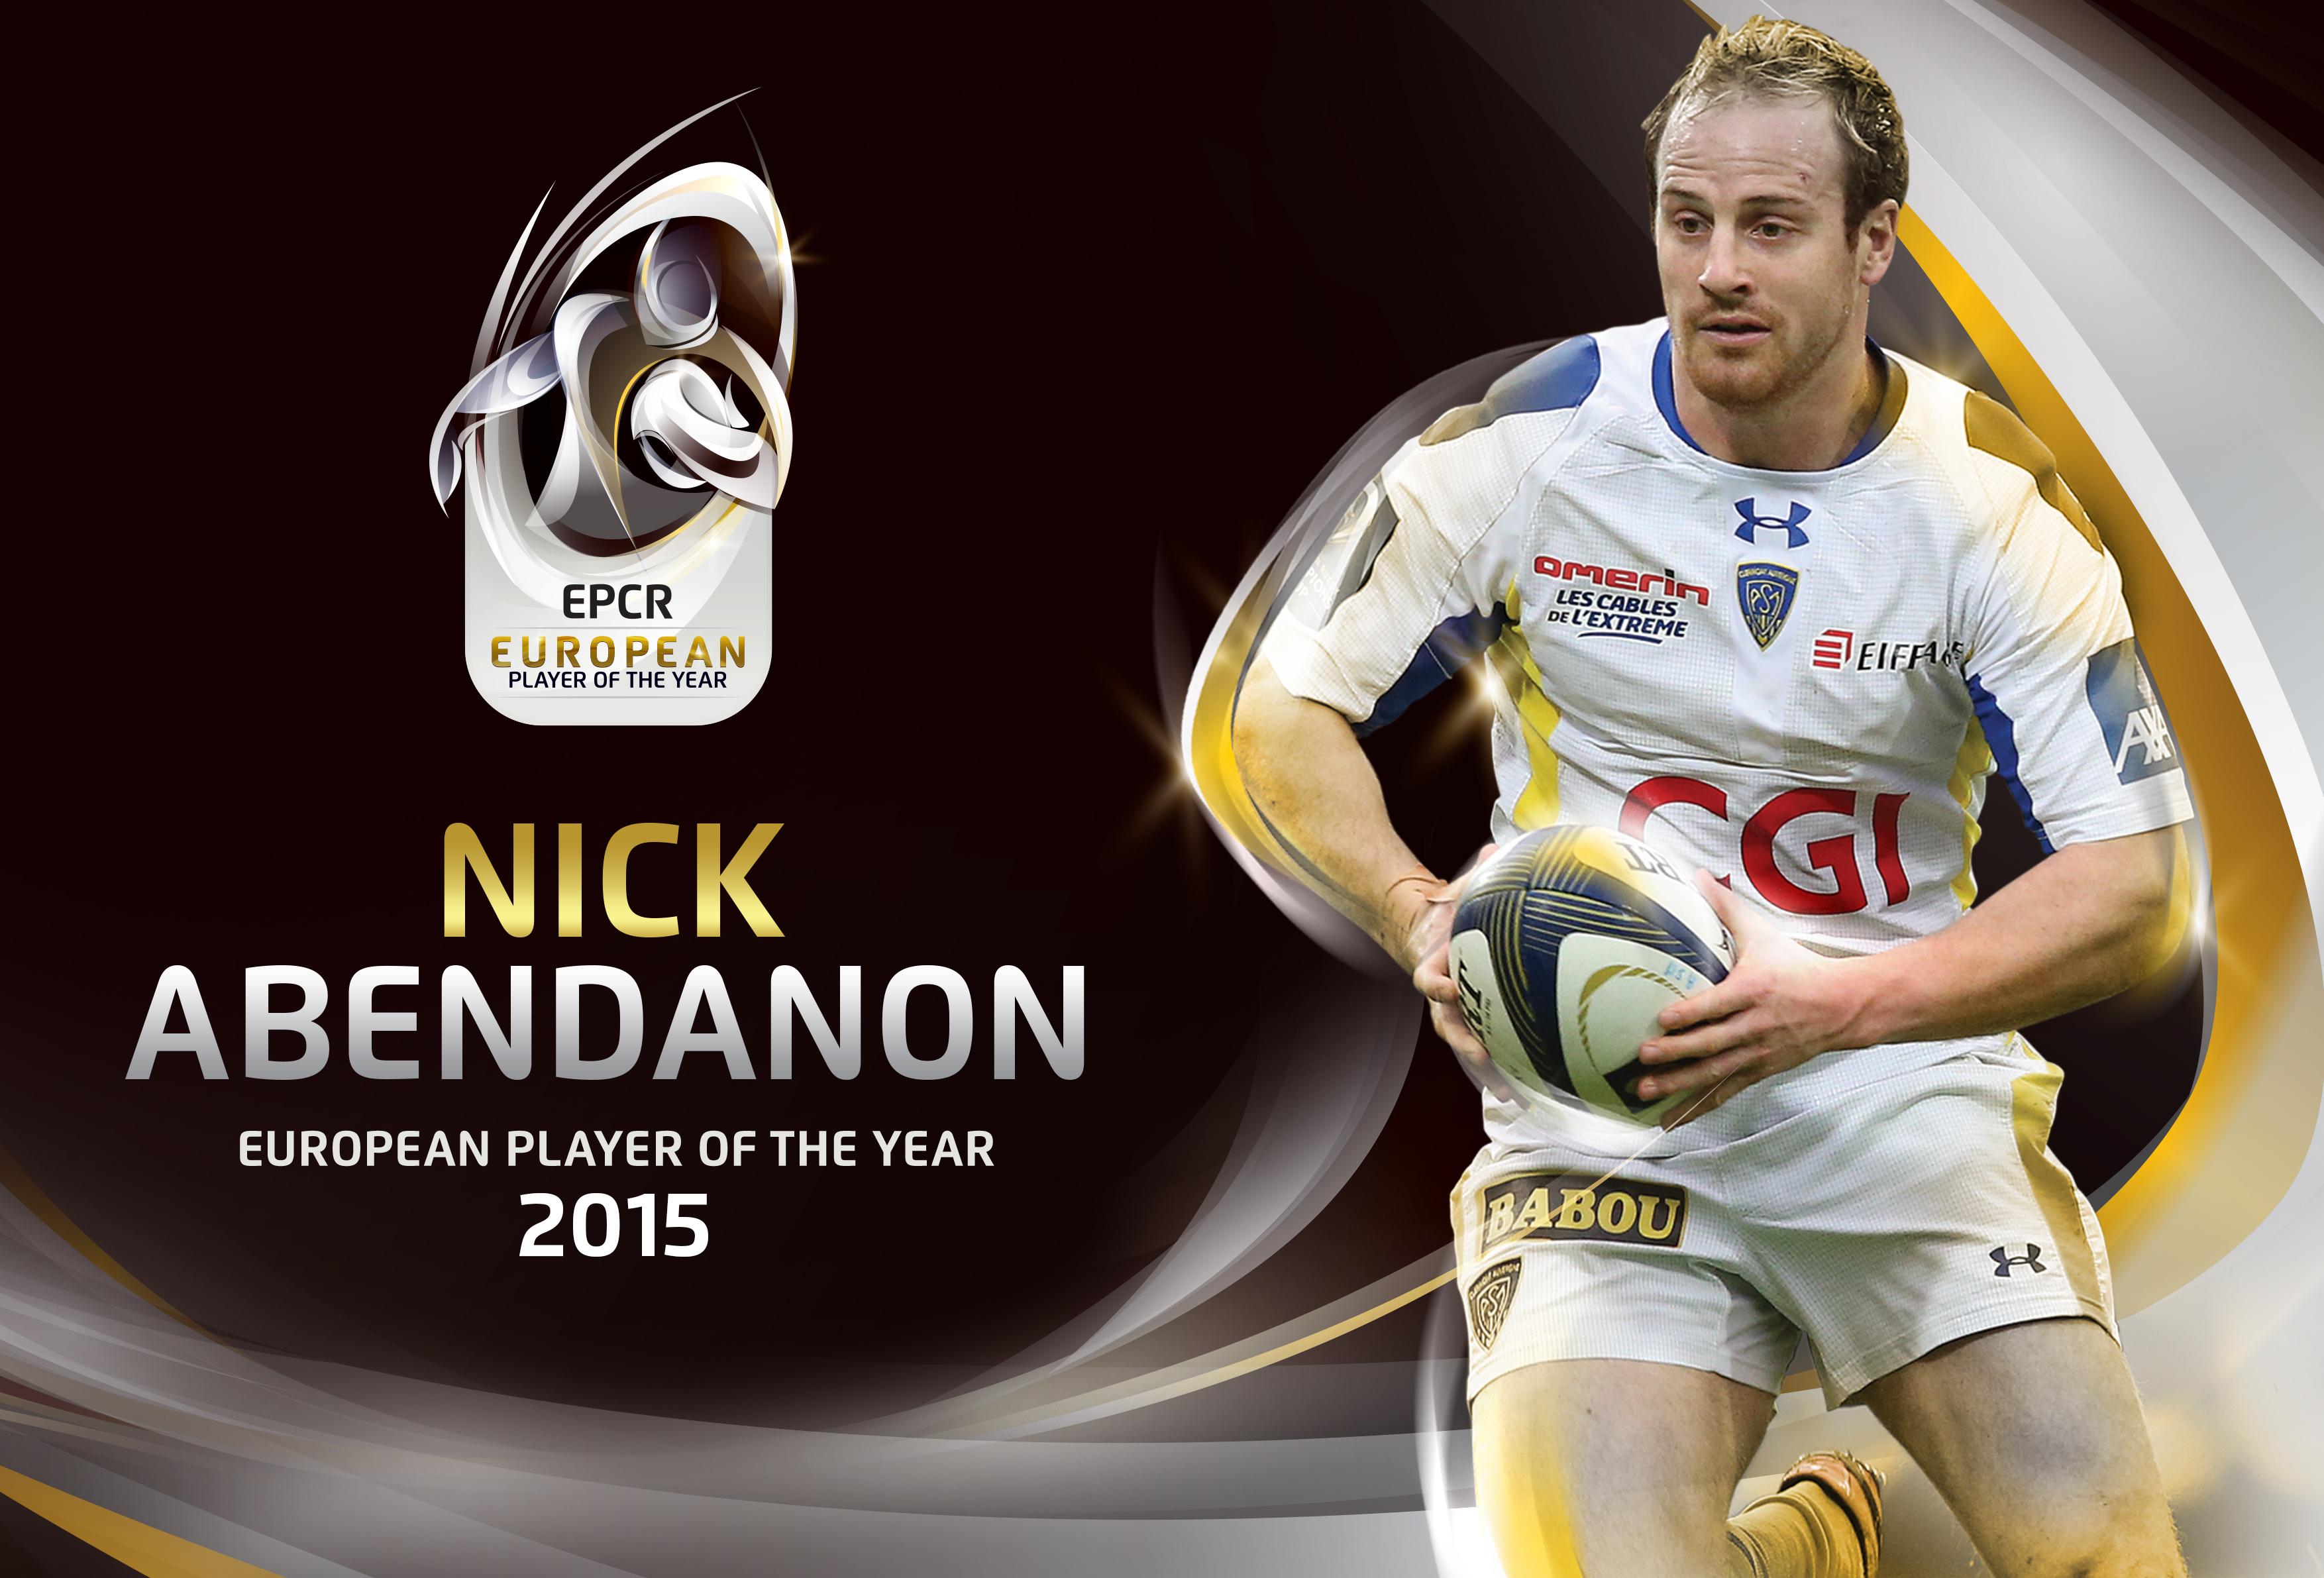 2015 - Nick Abendanon